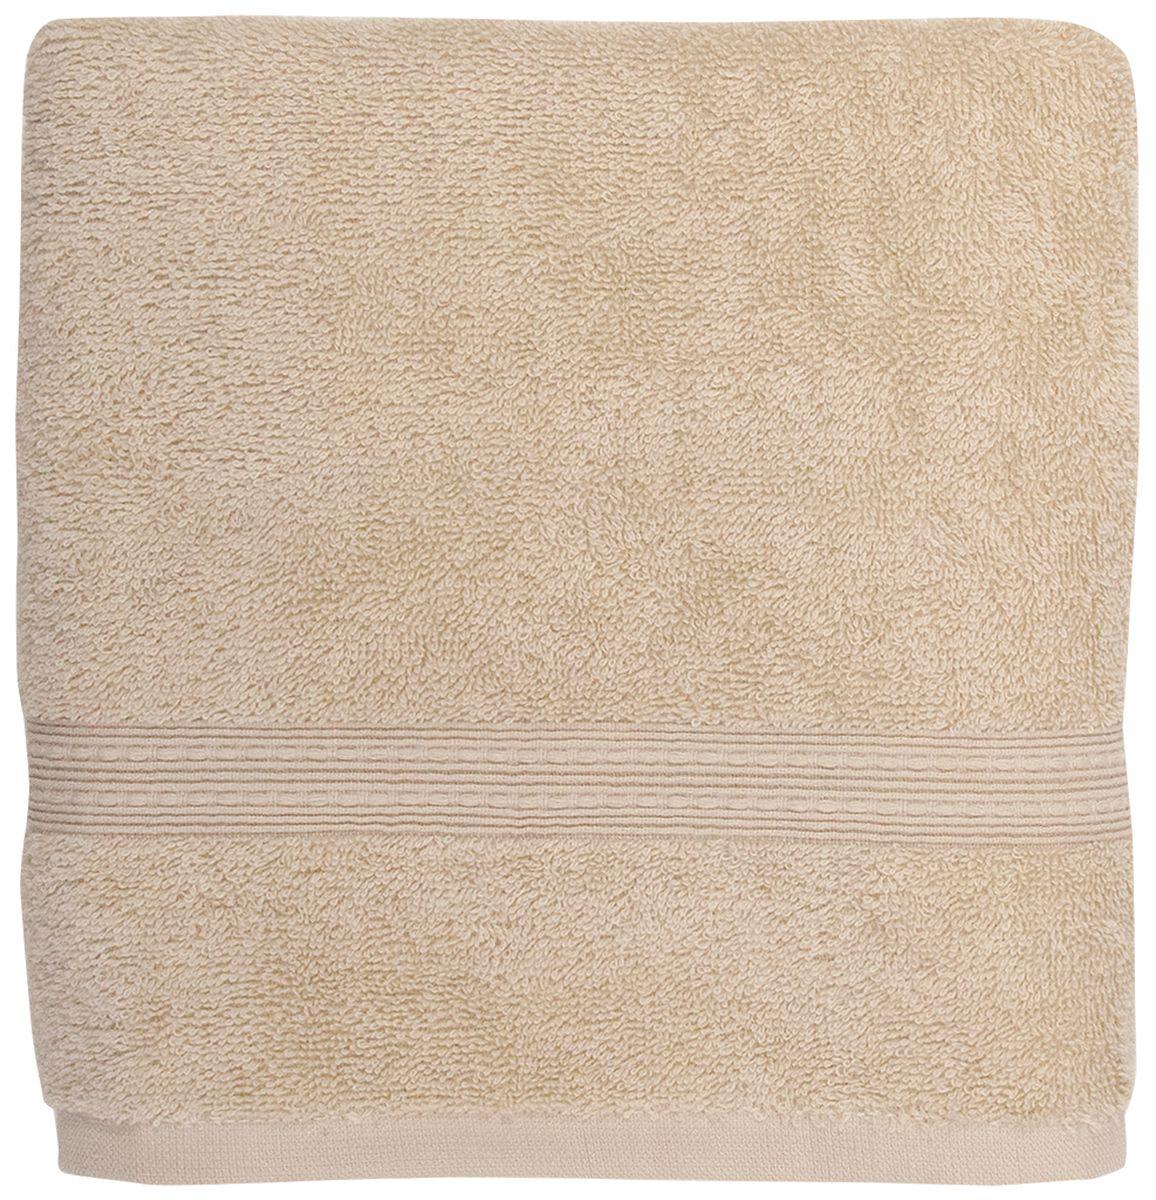 Полотенце банное Bonita Classic, цвет: бисквит, 70 х 140 смS03301004Банное полотенце Bonita Classic выполнено из 100% хлопка. Изделие отлично впитывает влагу, быстро сохнет, сохраняет яркость цвета и не теряет форму даже после многократных стирок. Такое полотенце очень практично и неприхотливо в уходе. Оно создаст прекрасное настроение и украсит интерьер в ванной комнате.